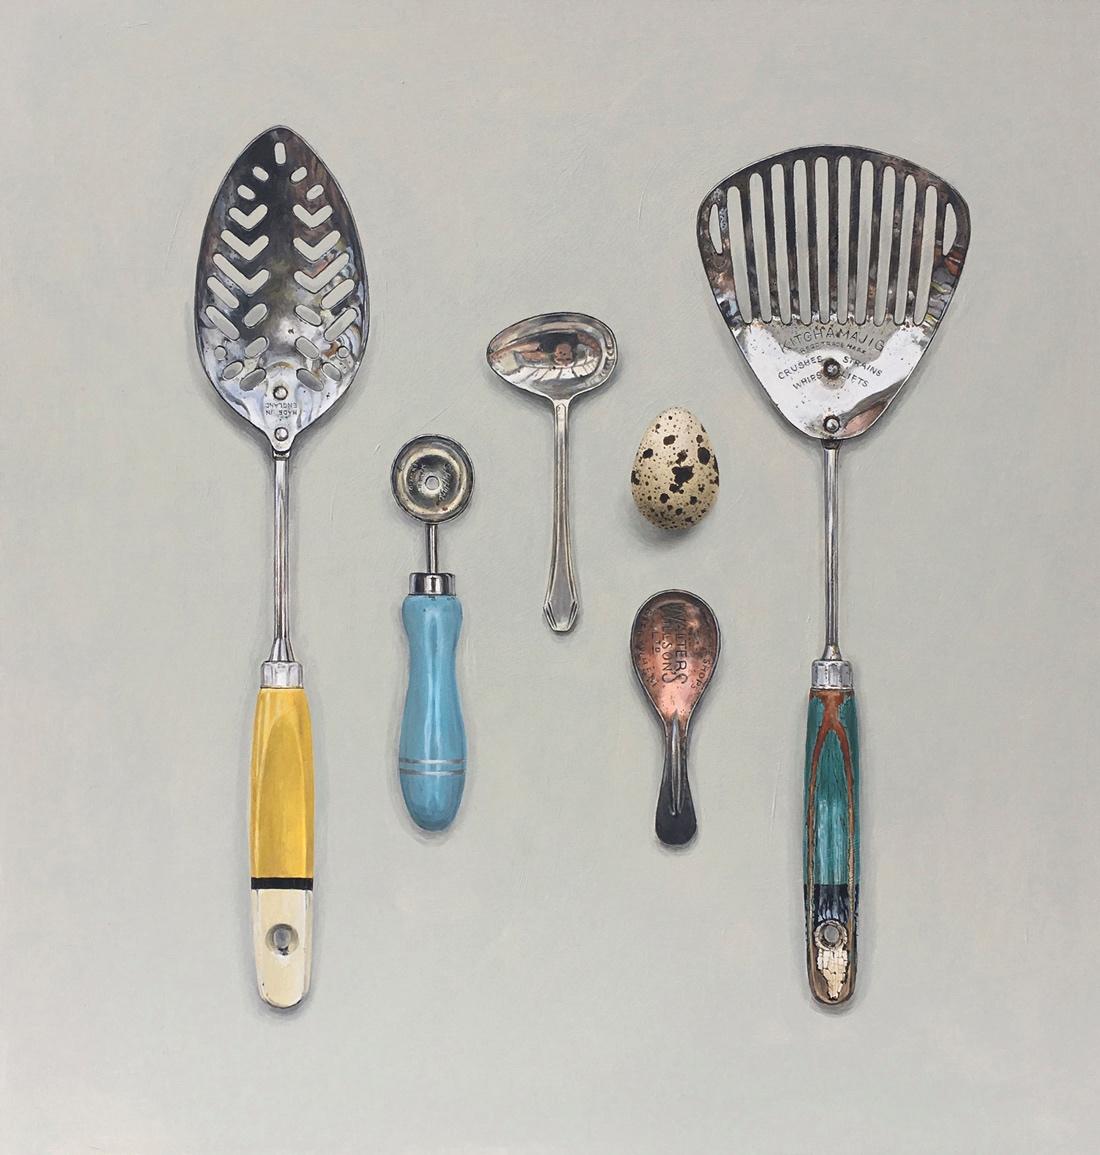 skyline utensils